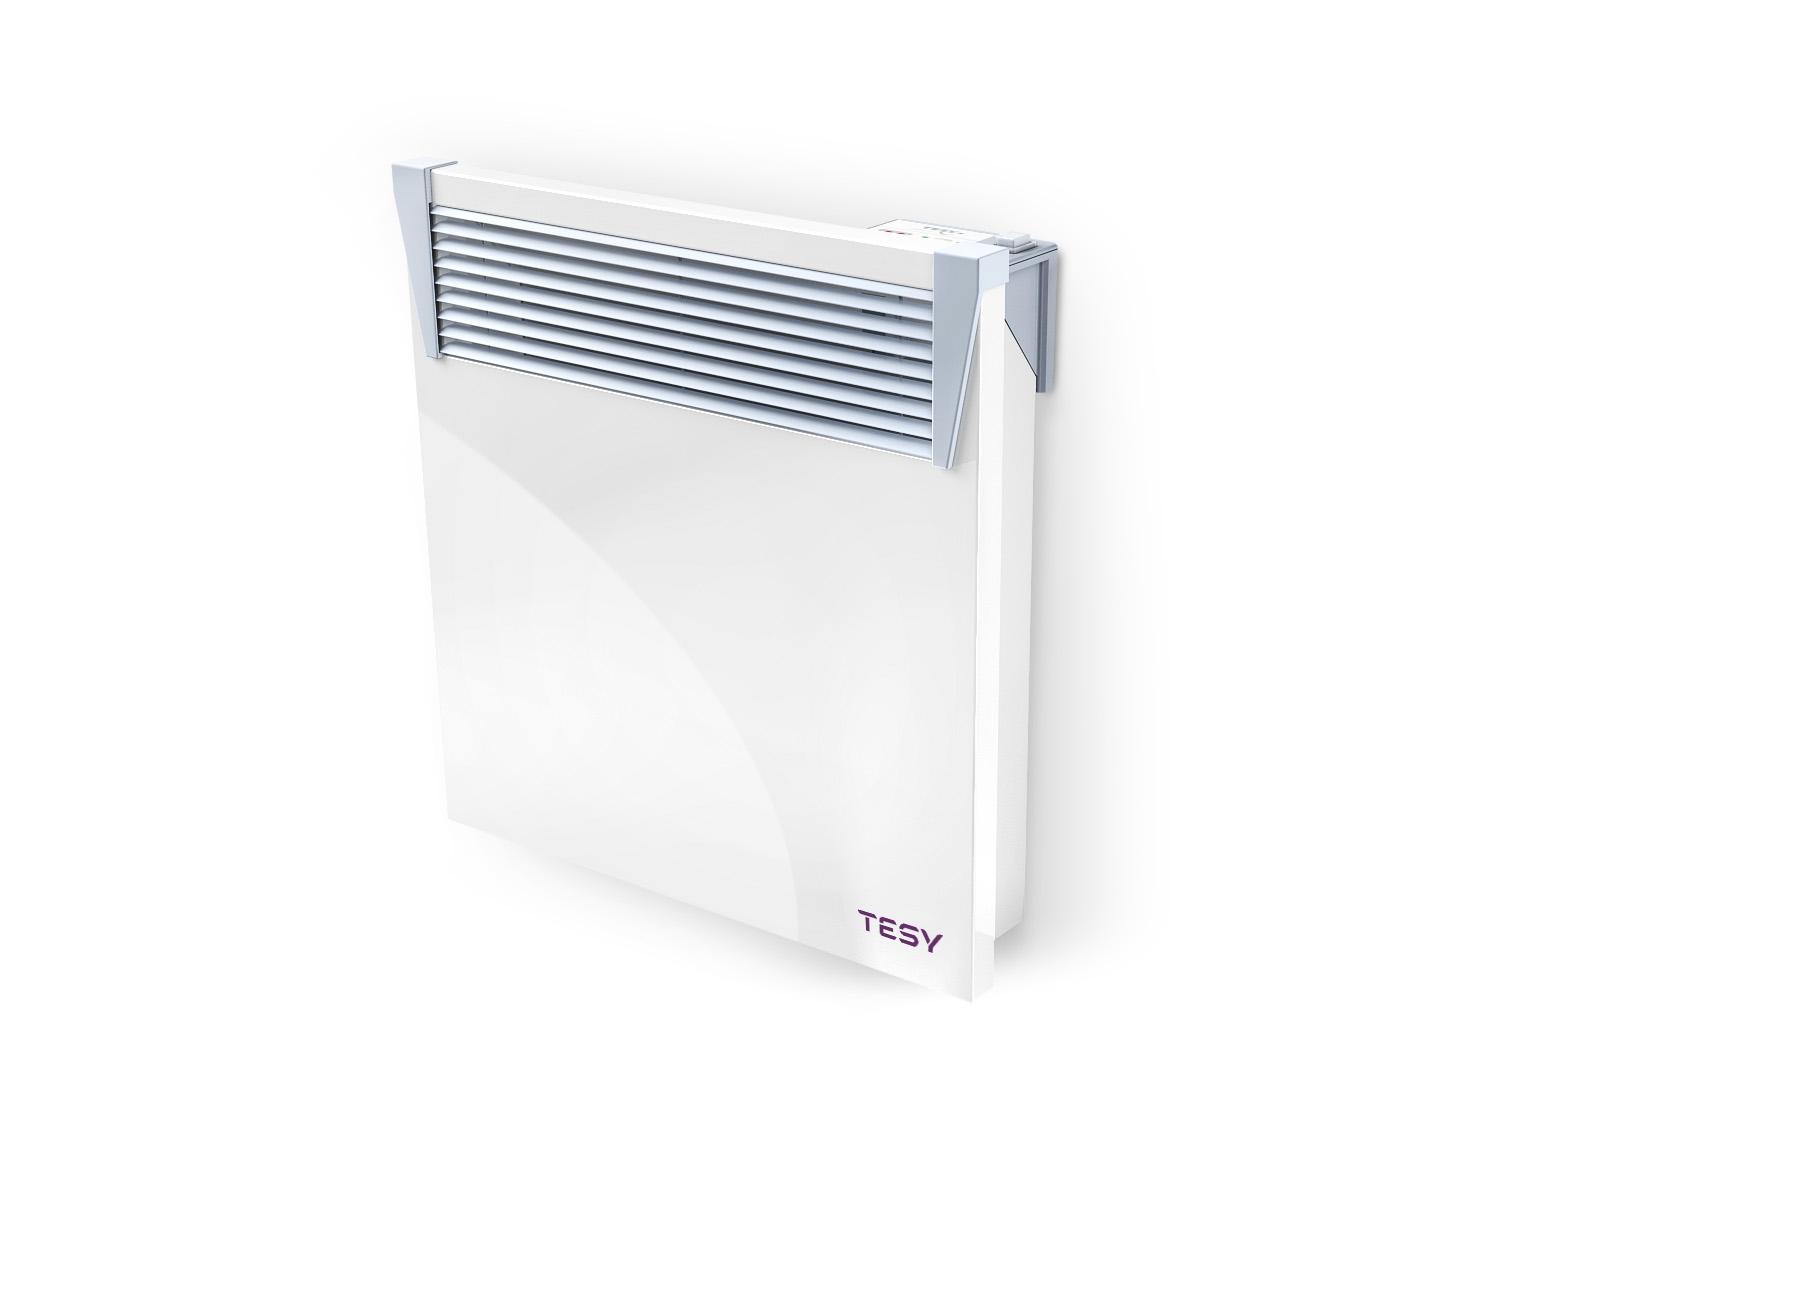 Tesy wall heater CN03 Model